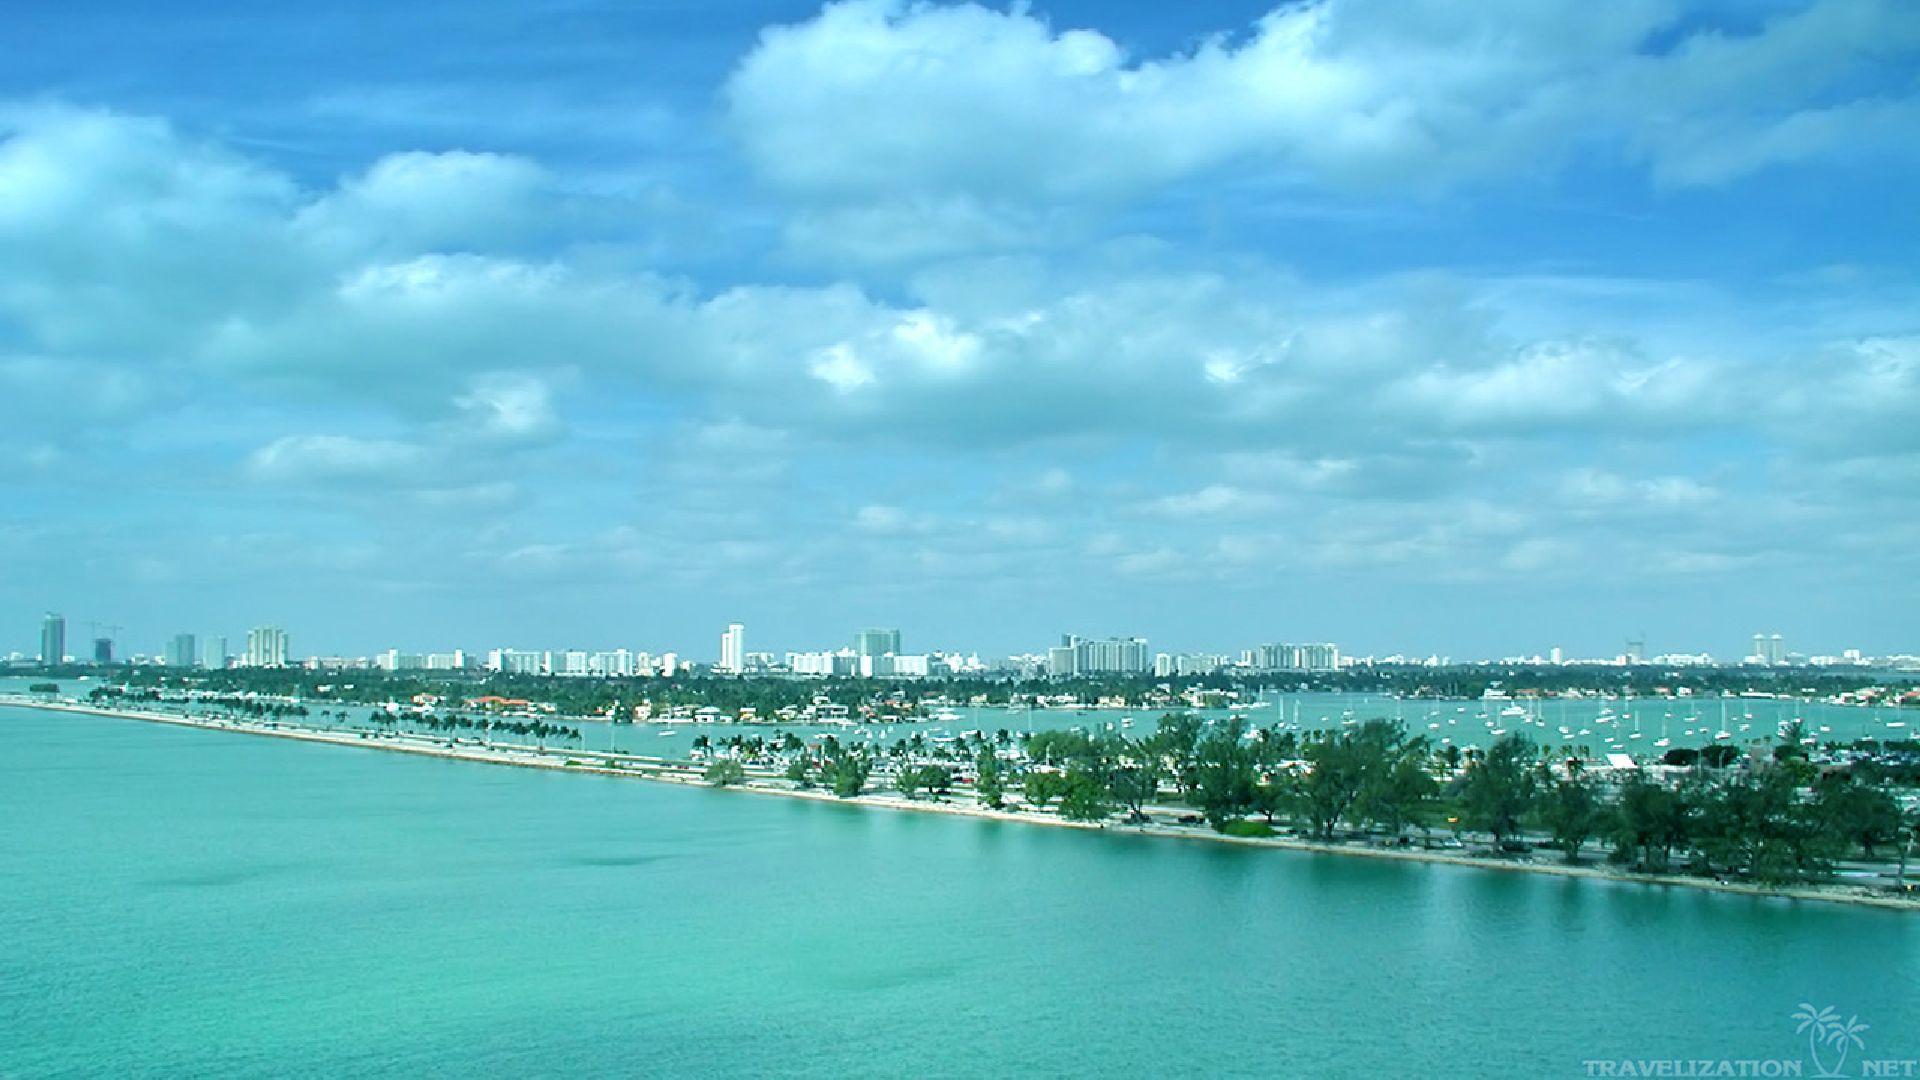 Florida beach pictures wallpapers wallpapersafari - Wallpaper florida keys ...